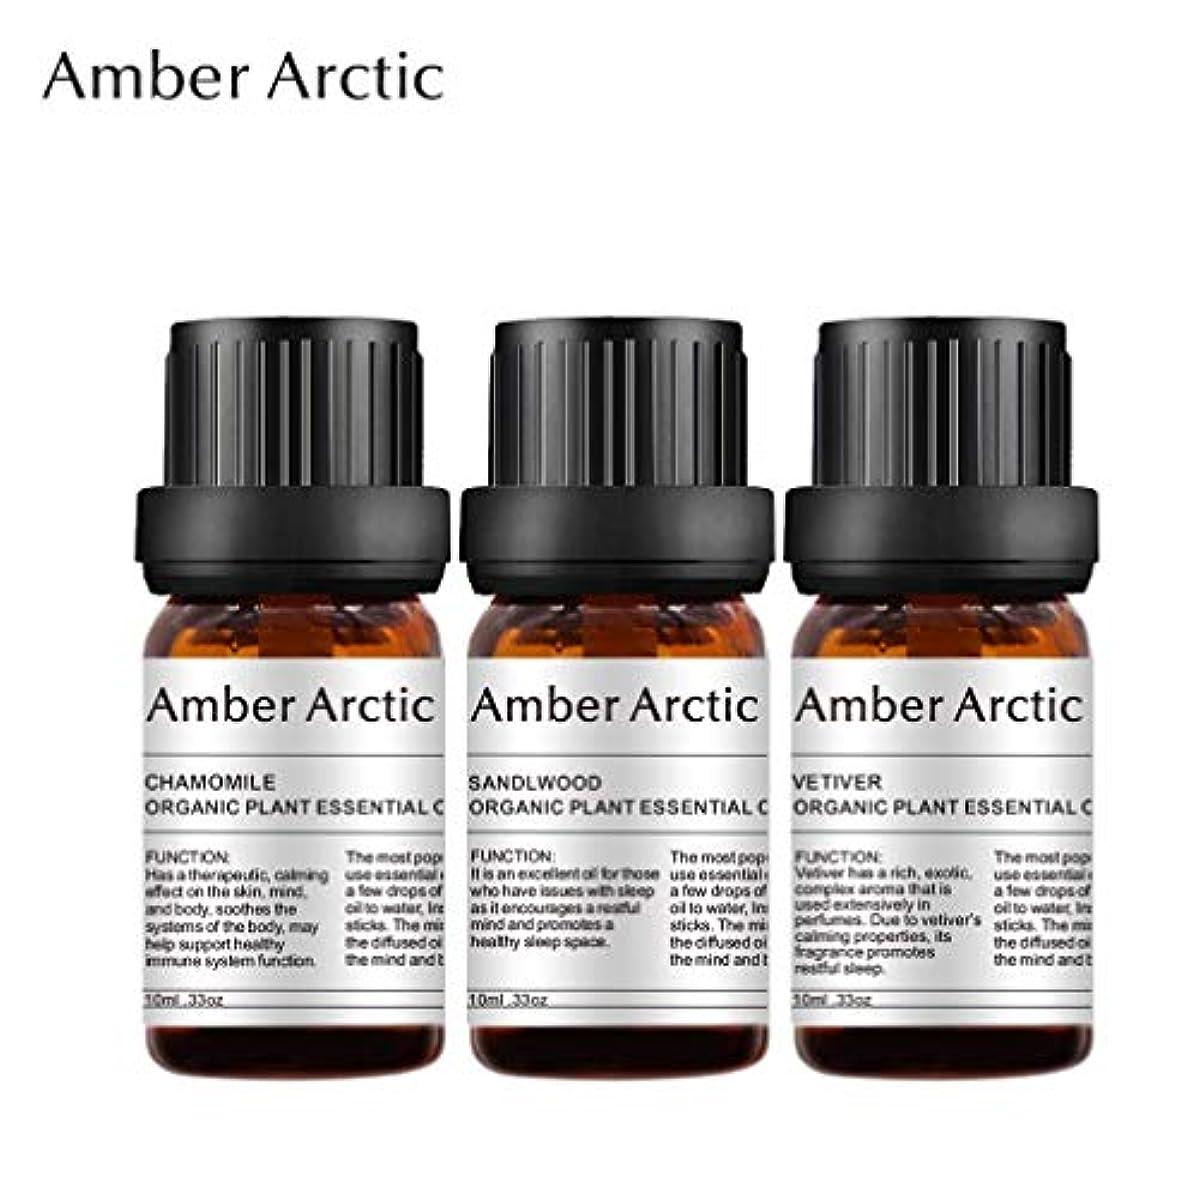 故意の付ける十Amber Arctic ジャスミン サンダル ウッド カモミール 精油 セット、 ディフューザー - 3×10 ミリリットル 用 100% 純粋 天然 アロマ エッセンシャル オイル